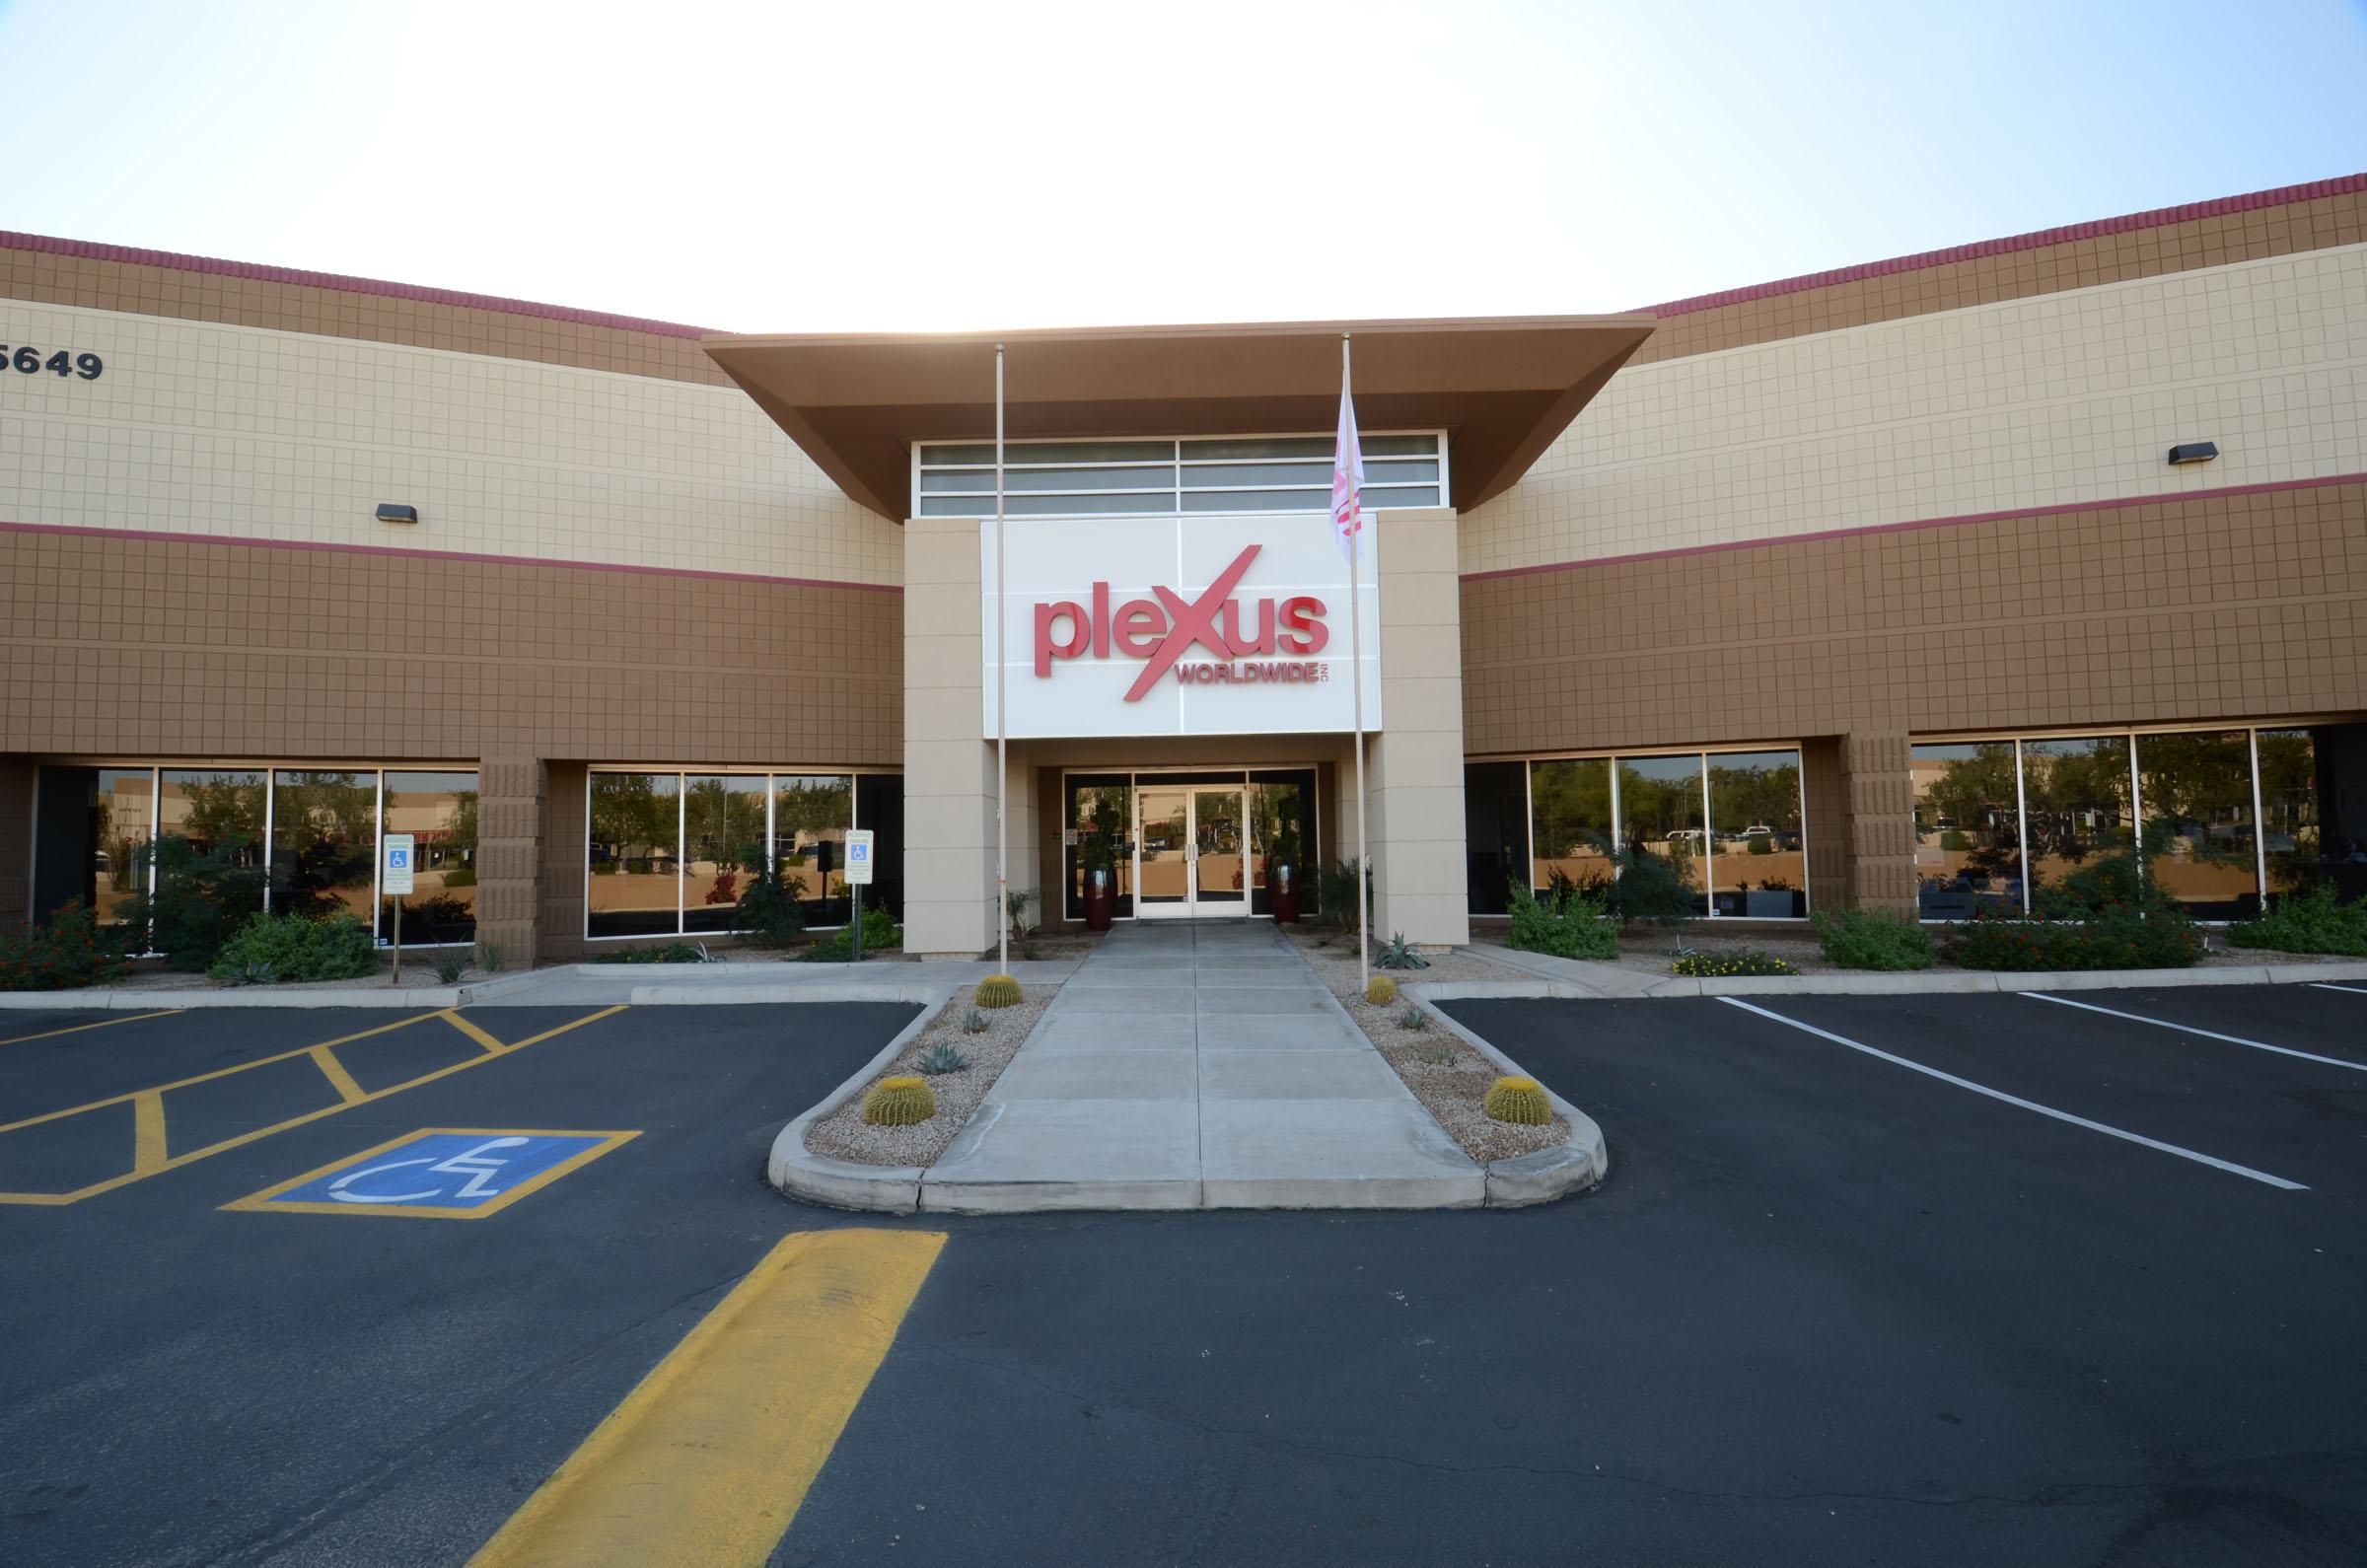 Plexus Logo Signage